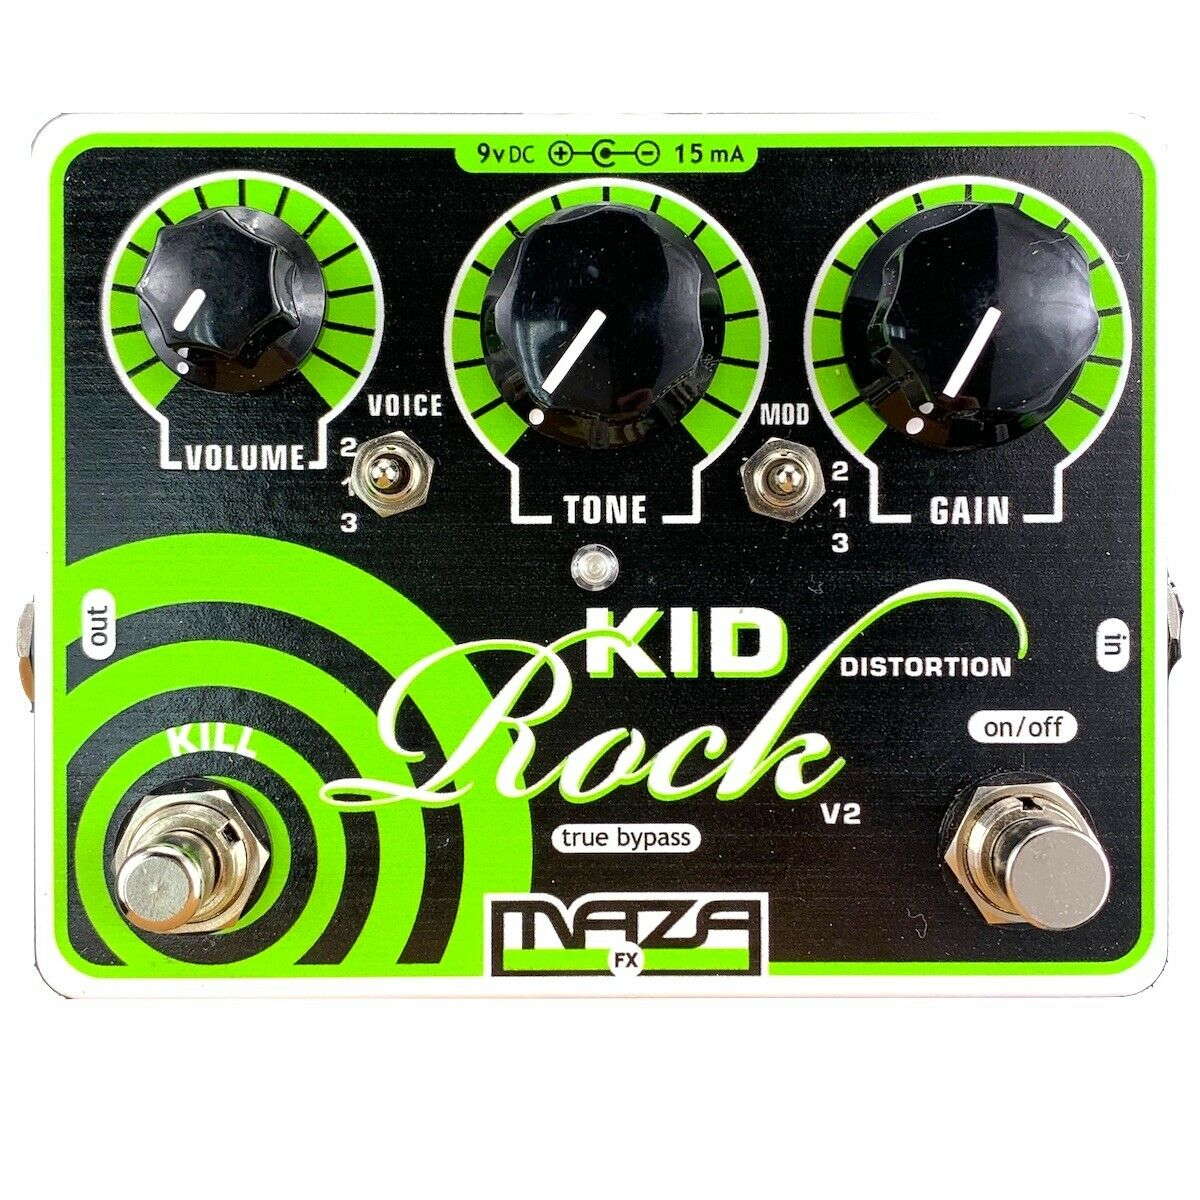 Maza Fx Verzerrung Gitarre Pedal V2 - Kinder Rock